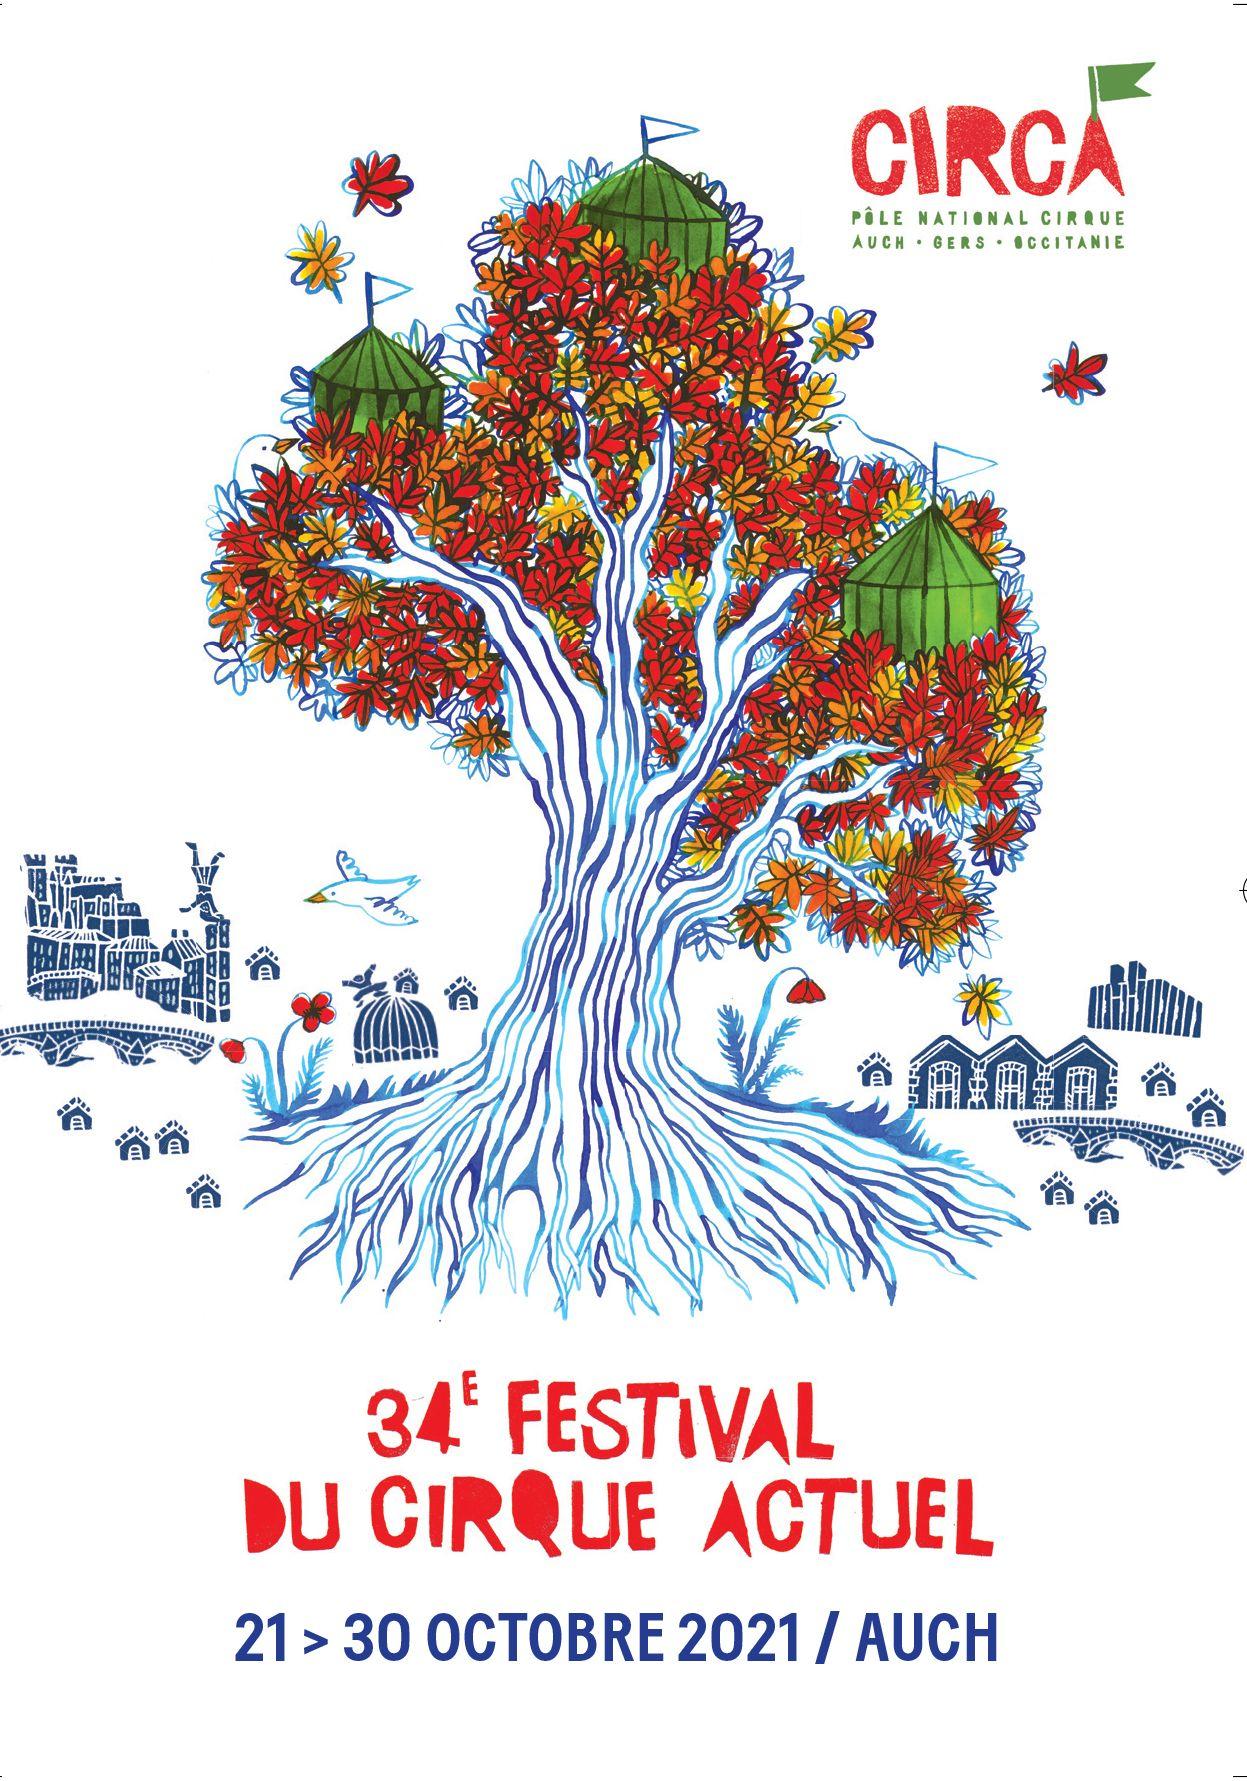 Festival du cirque actuel  - Circa 2021